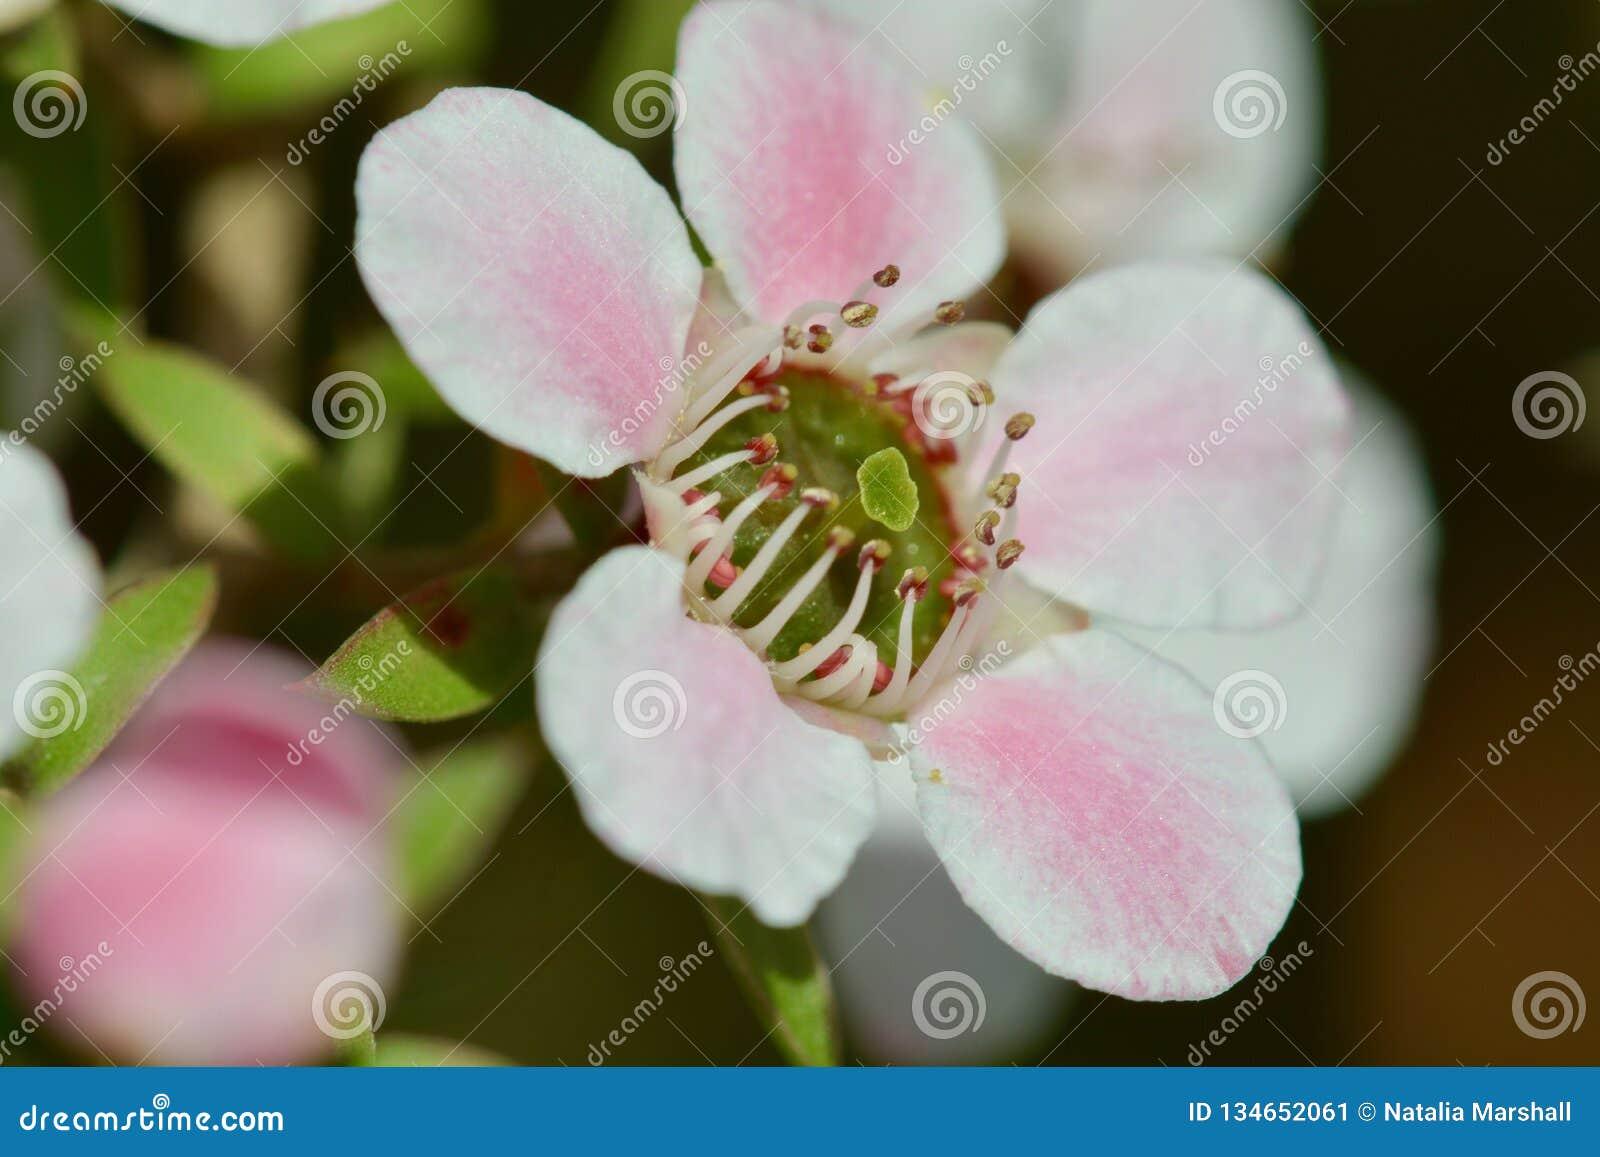 Фото макроса красивого scoparium Leptospermum цветка Manuka, или teatree Новой Зеландии, источник чудесного меда Manuka